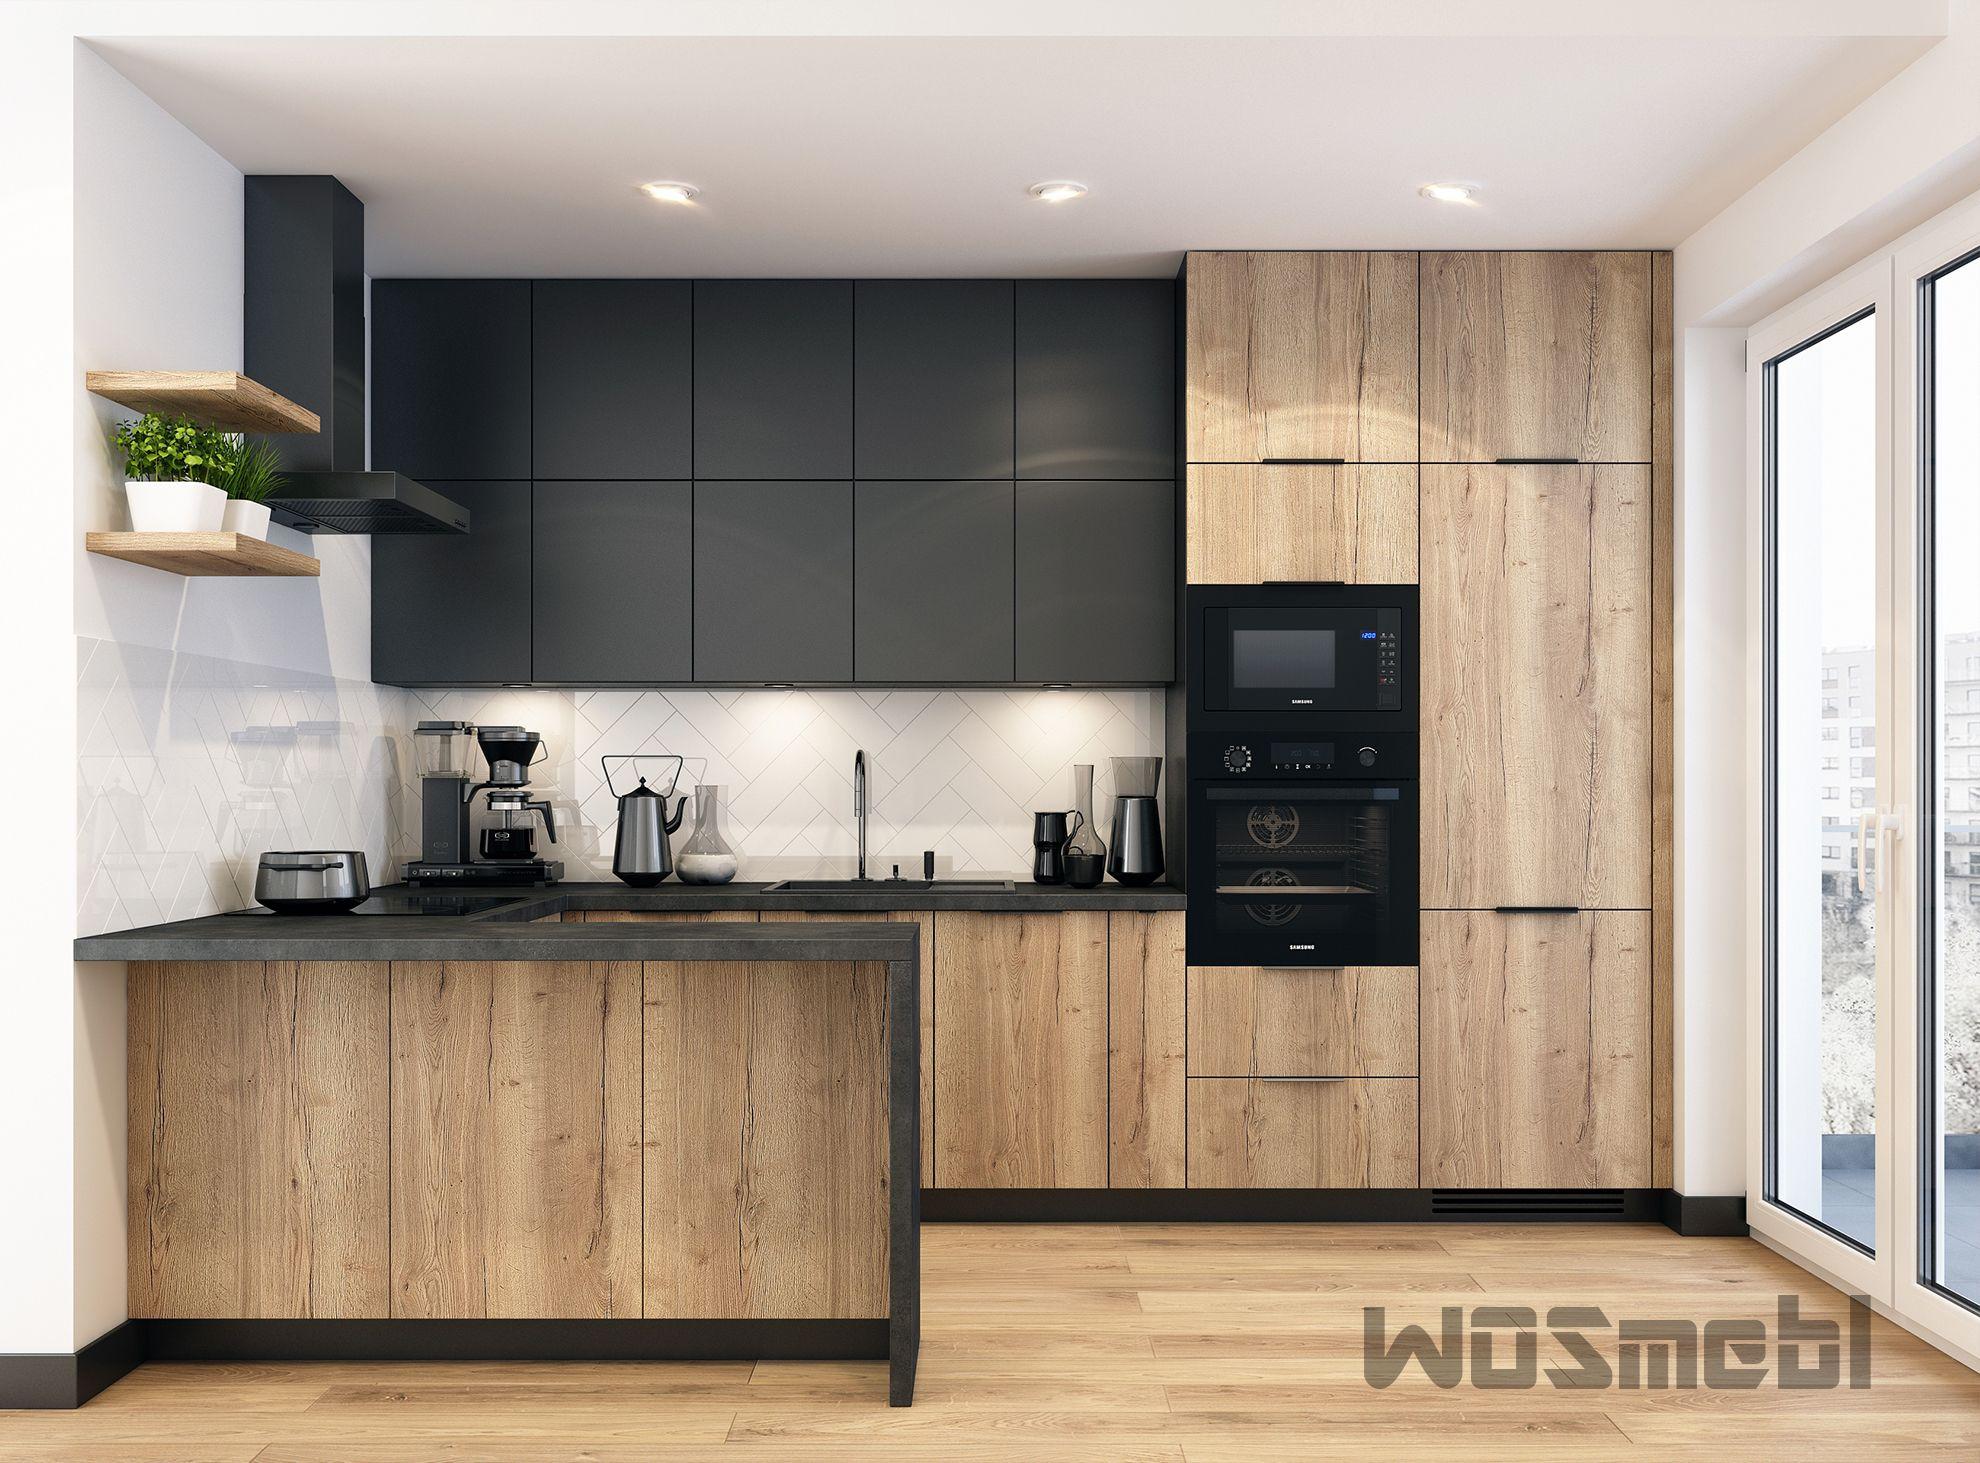 Kuchnia W Stylu Industrialnym Modern Kitchen Interiors Modern Kitchen Home Decor Kitchen